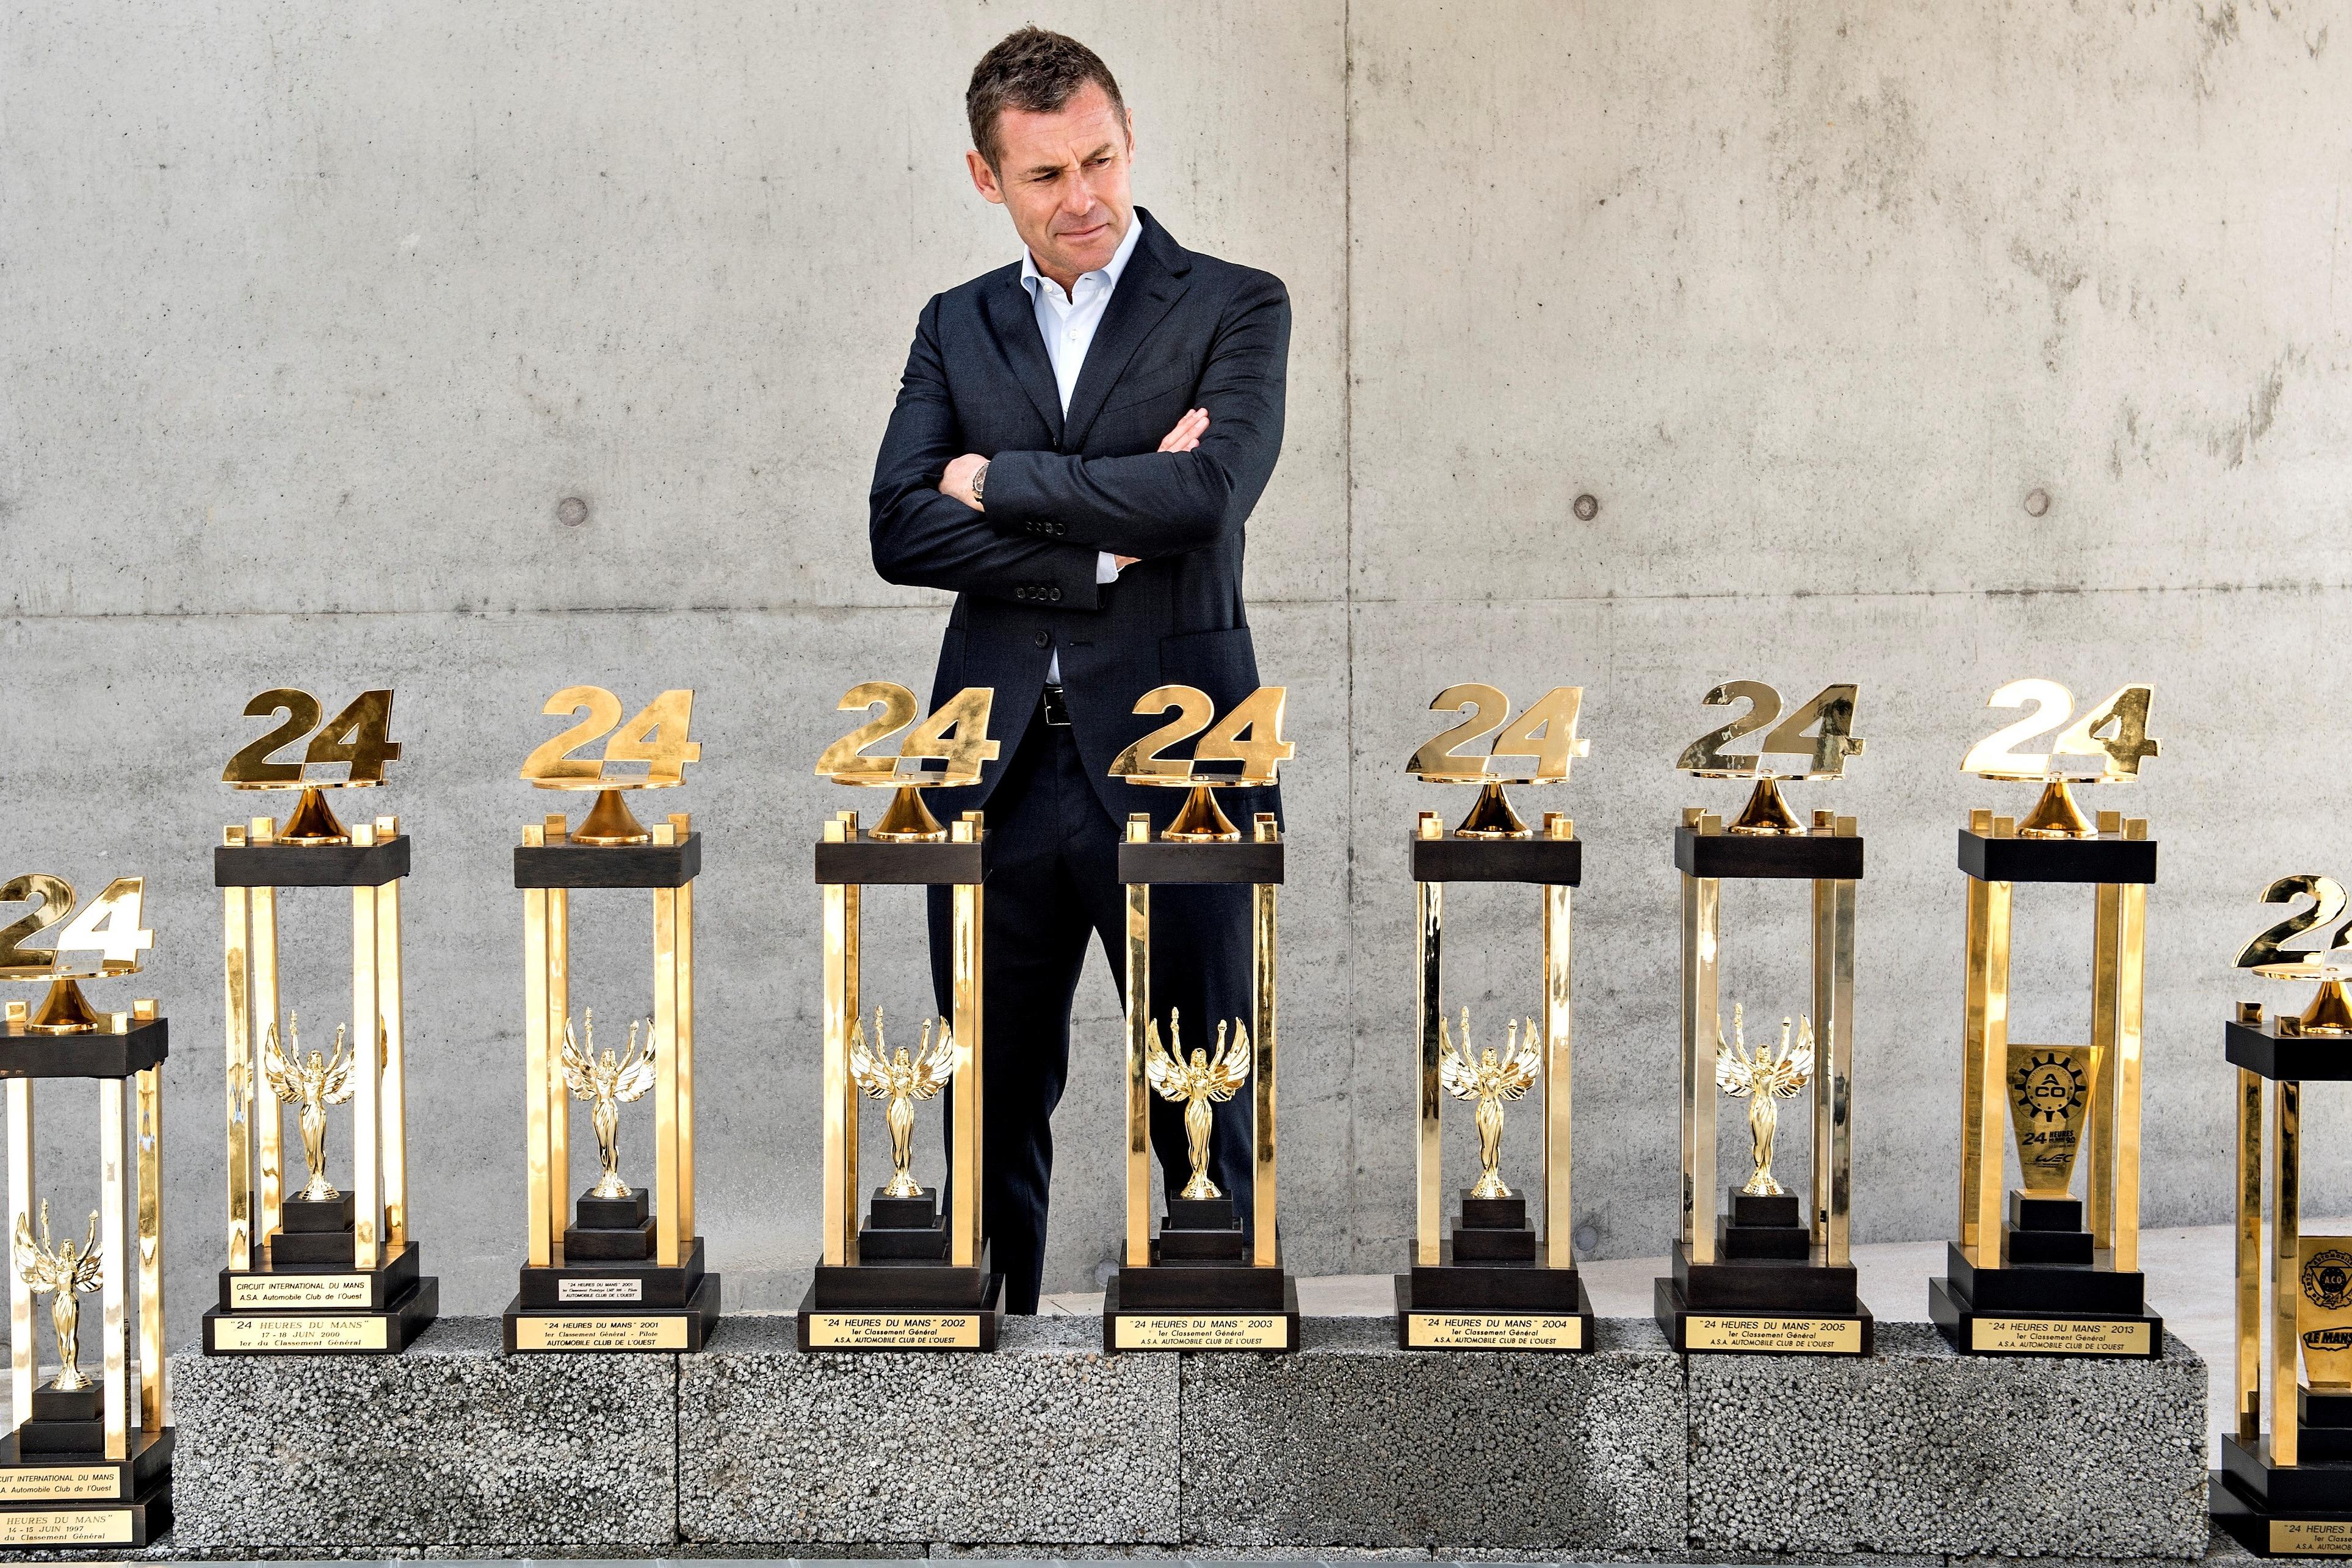 Tom Kristensen, Le Mans 24 Hours trophies